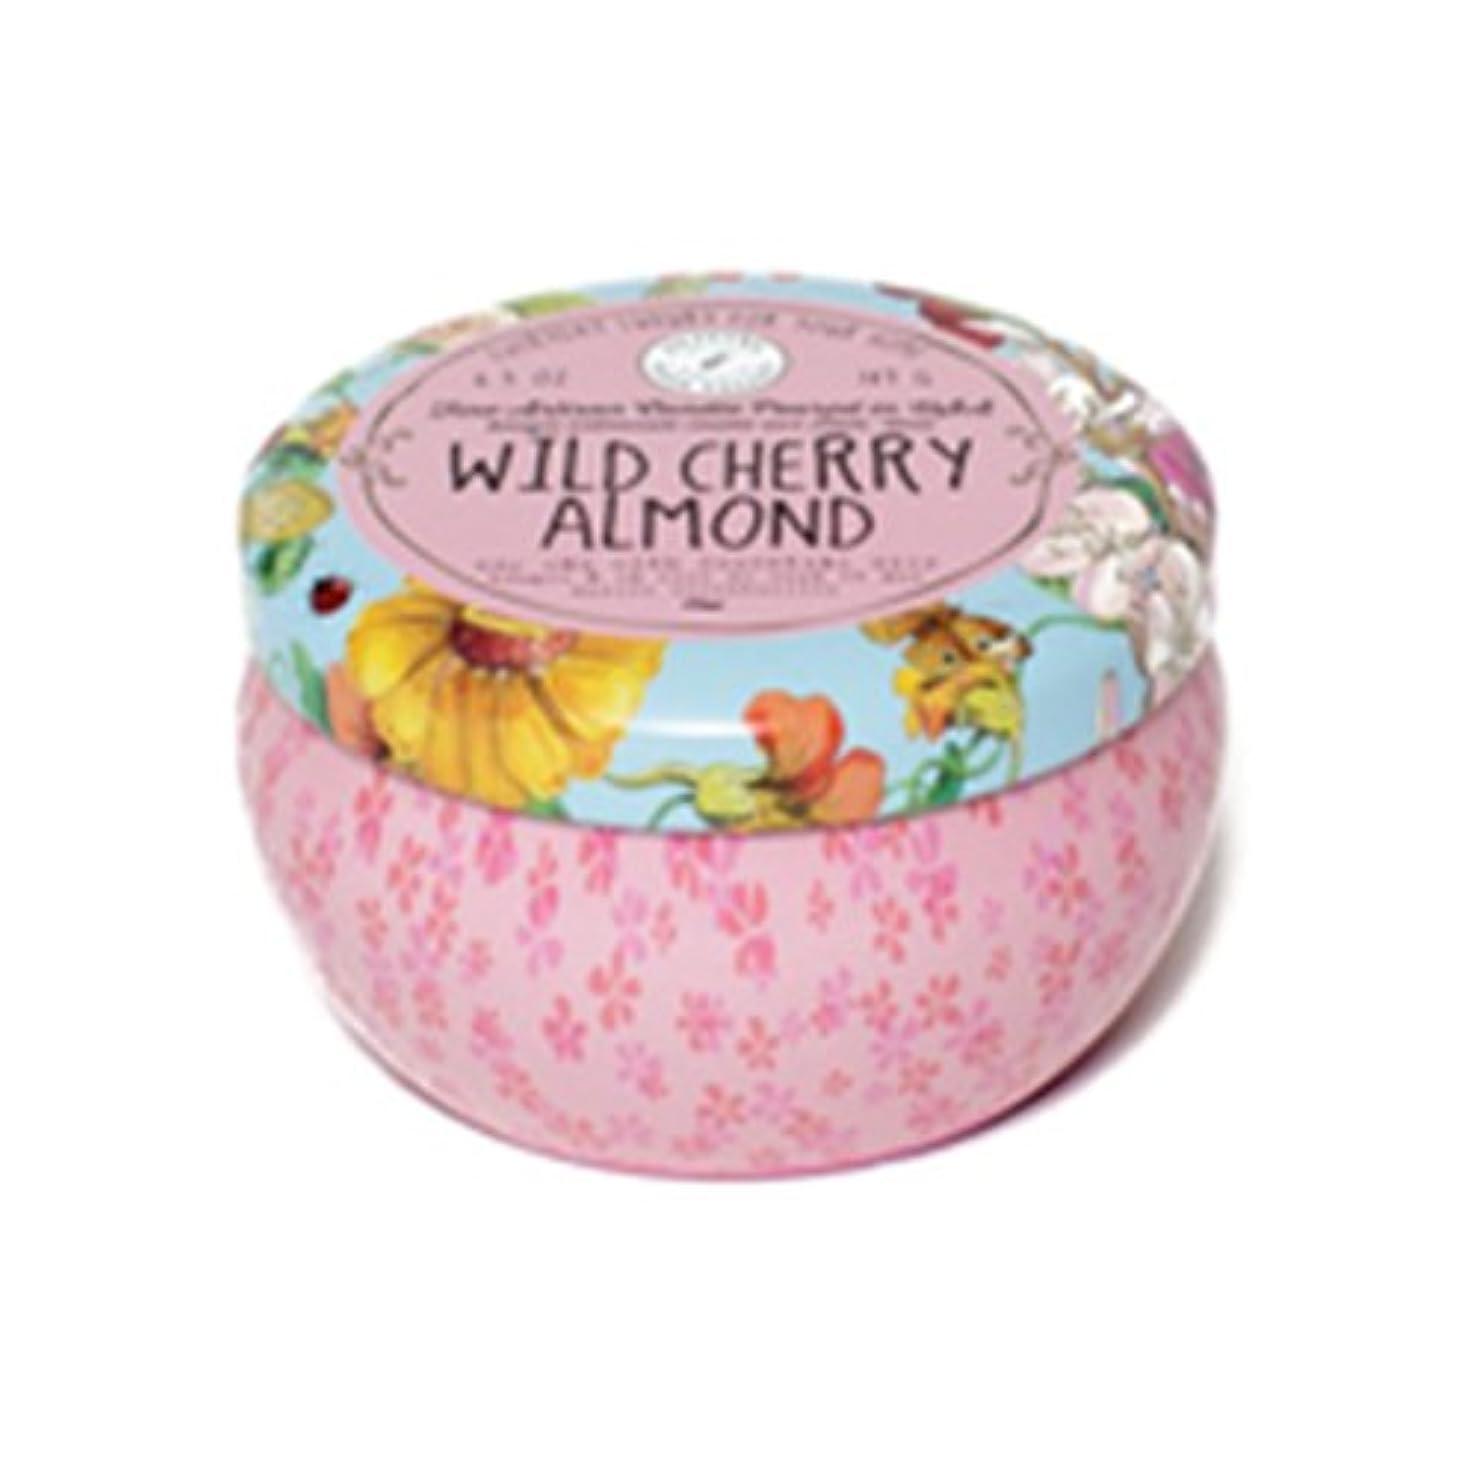 医薬品世論調査一致Napa Valley Apothecary wild cherry almond ワイルドチェリーアーモンド 缶キャンドル tin candle ナパバレーアポセカリー Olivina オリビーナ